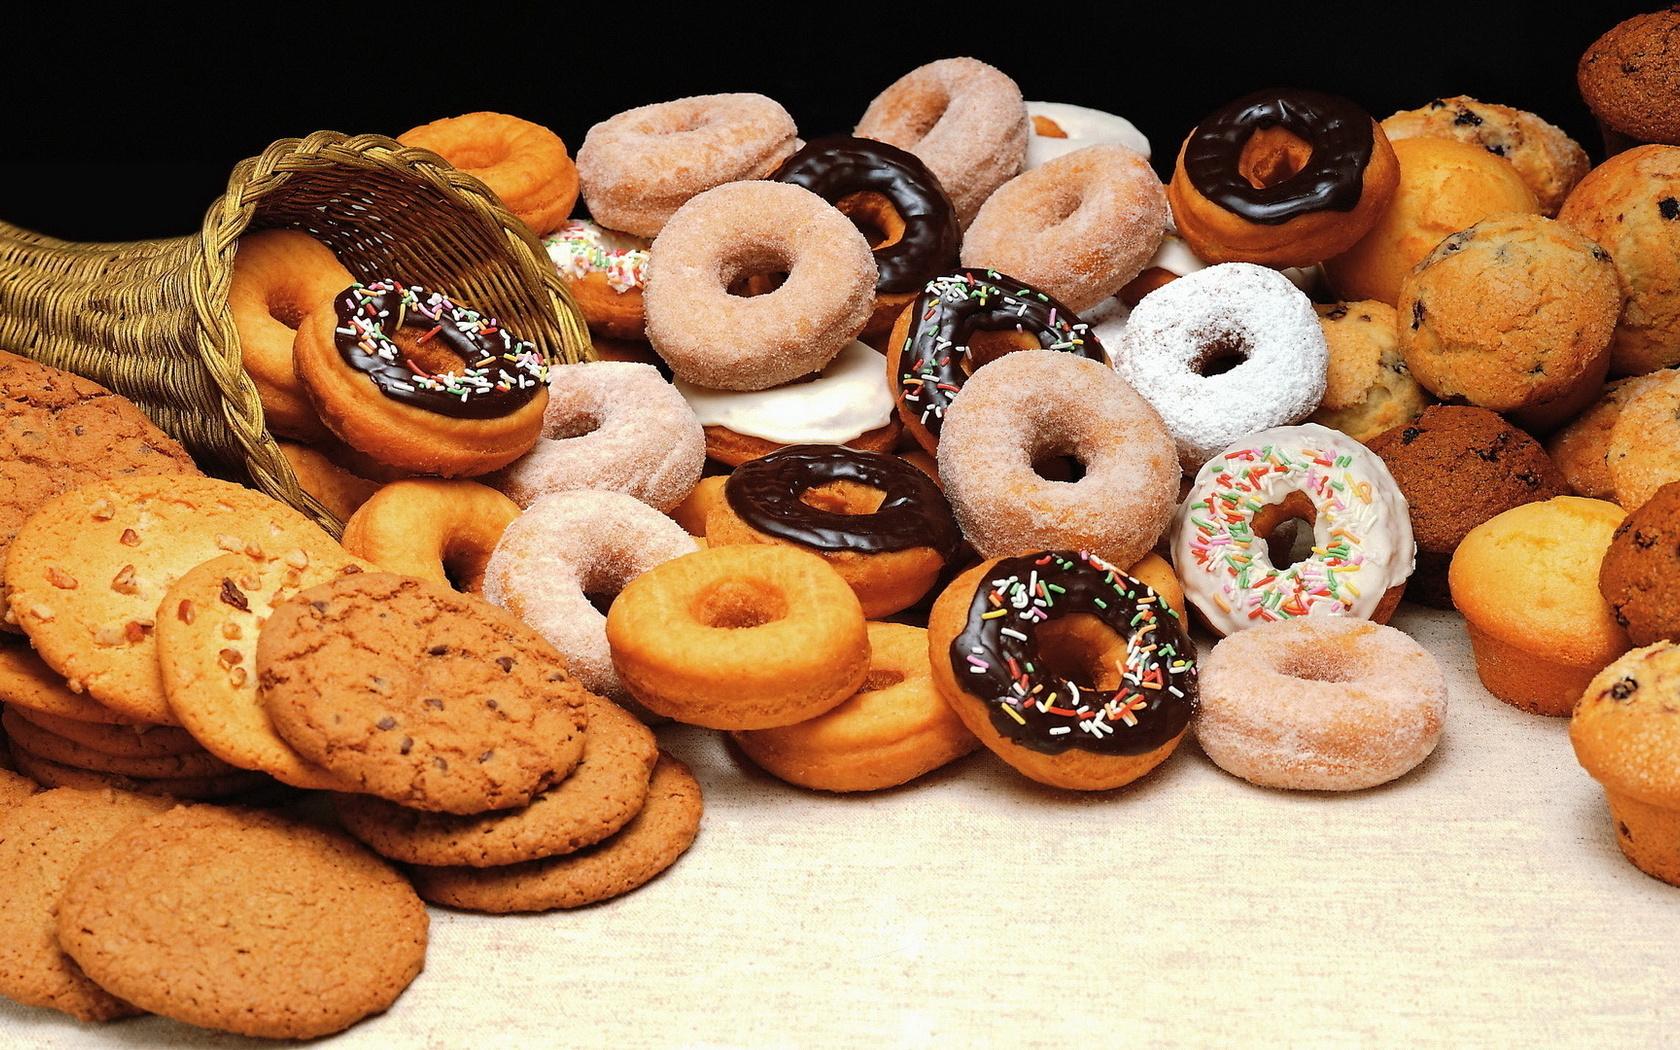 21 20120523 1692815509 سفارشات انواع غذا و شیرینی و دسر خانگی در تهران و مشهد و کرج